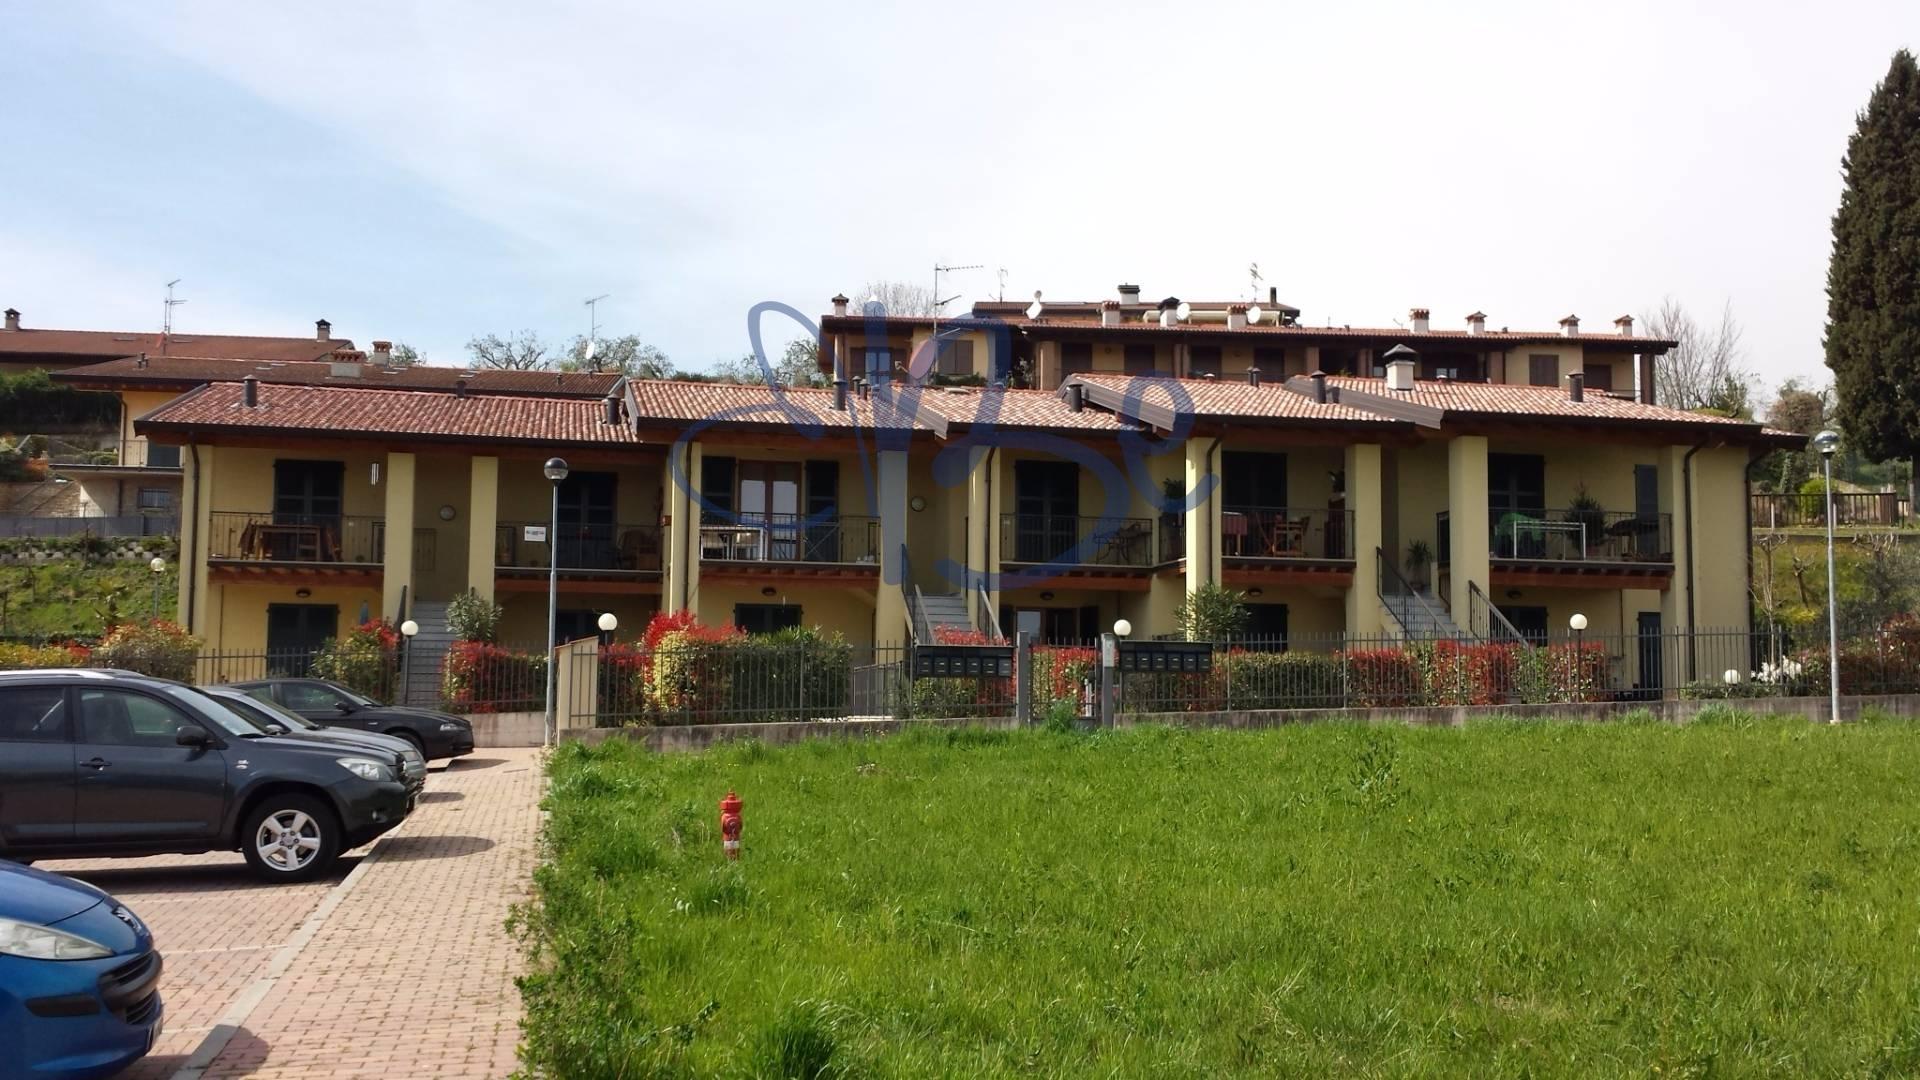 Appartamento in vendita a Puegnago sul Garda, 2 locali, prezzo € 120.000 | CambioCasa.it